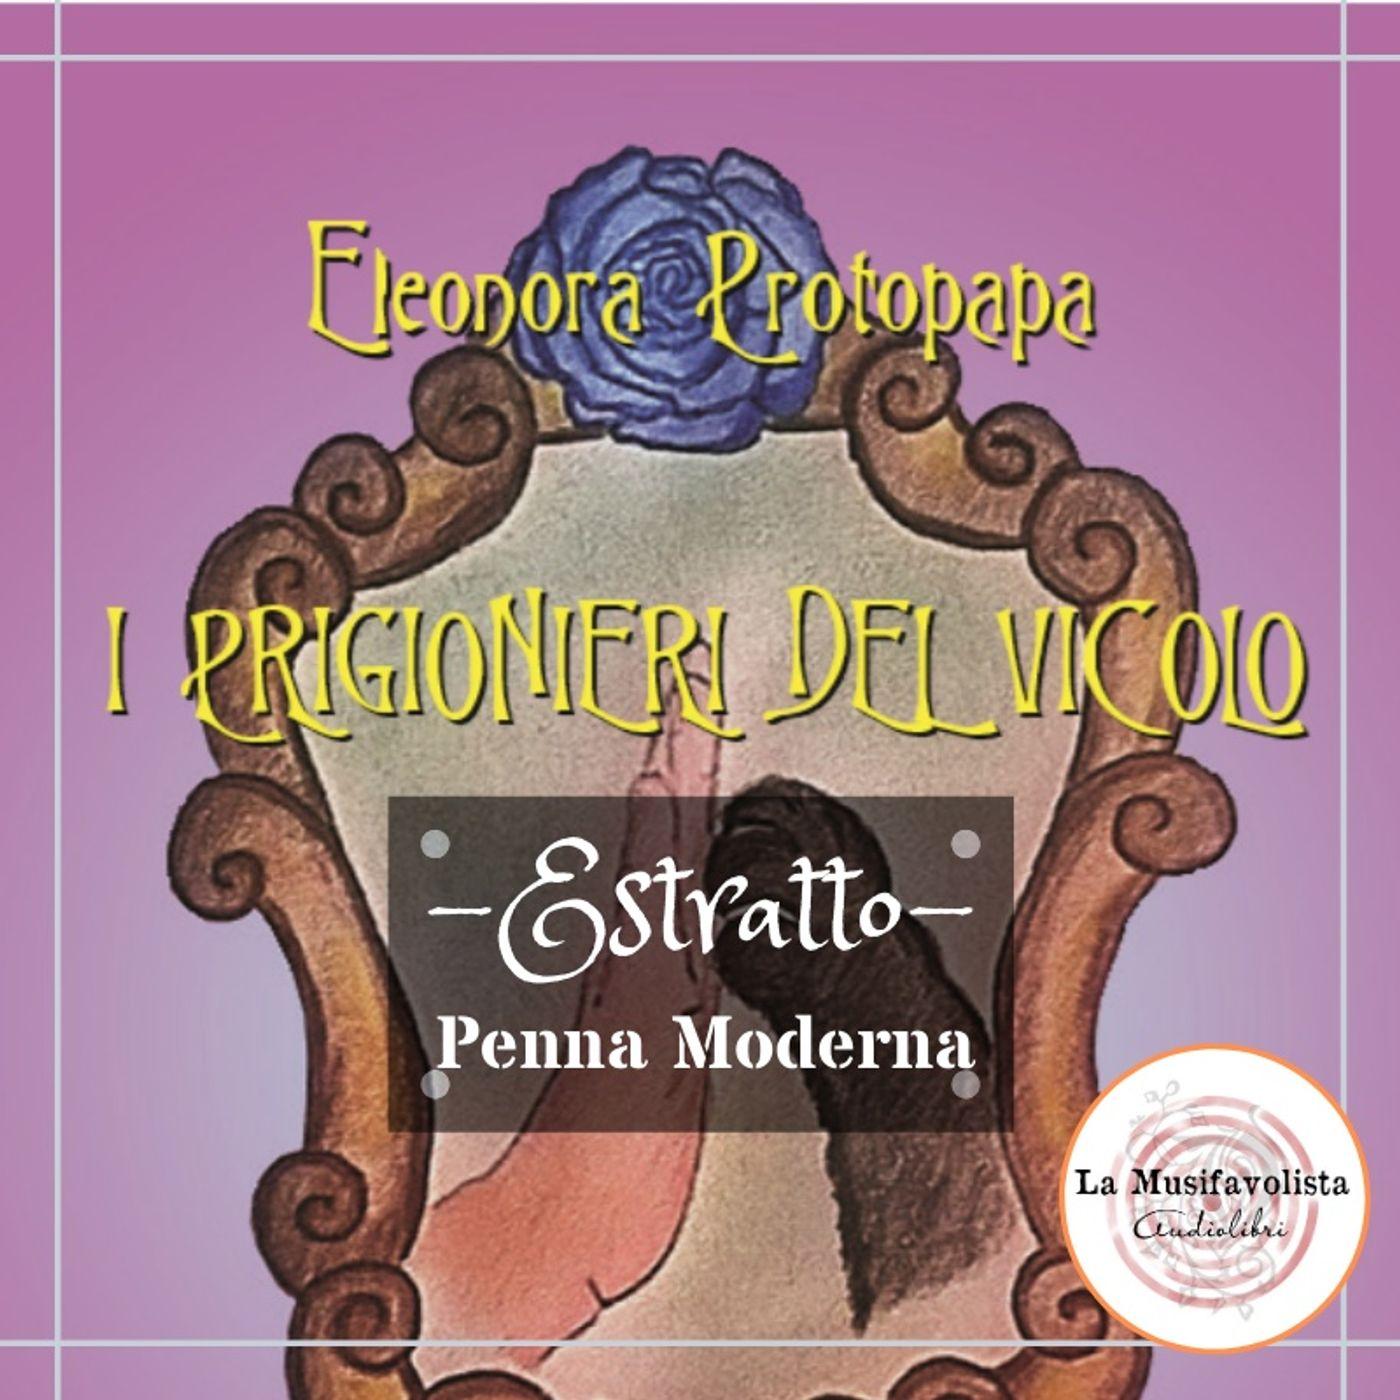 ✍ I Prigionieri del Vicolo (estratto) - Eleonora Protopapa ✎ PENNA MODERNA ✐